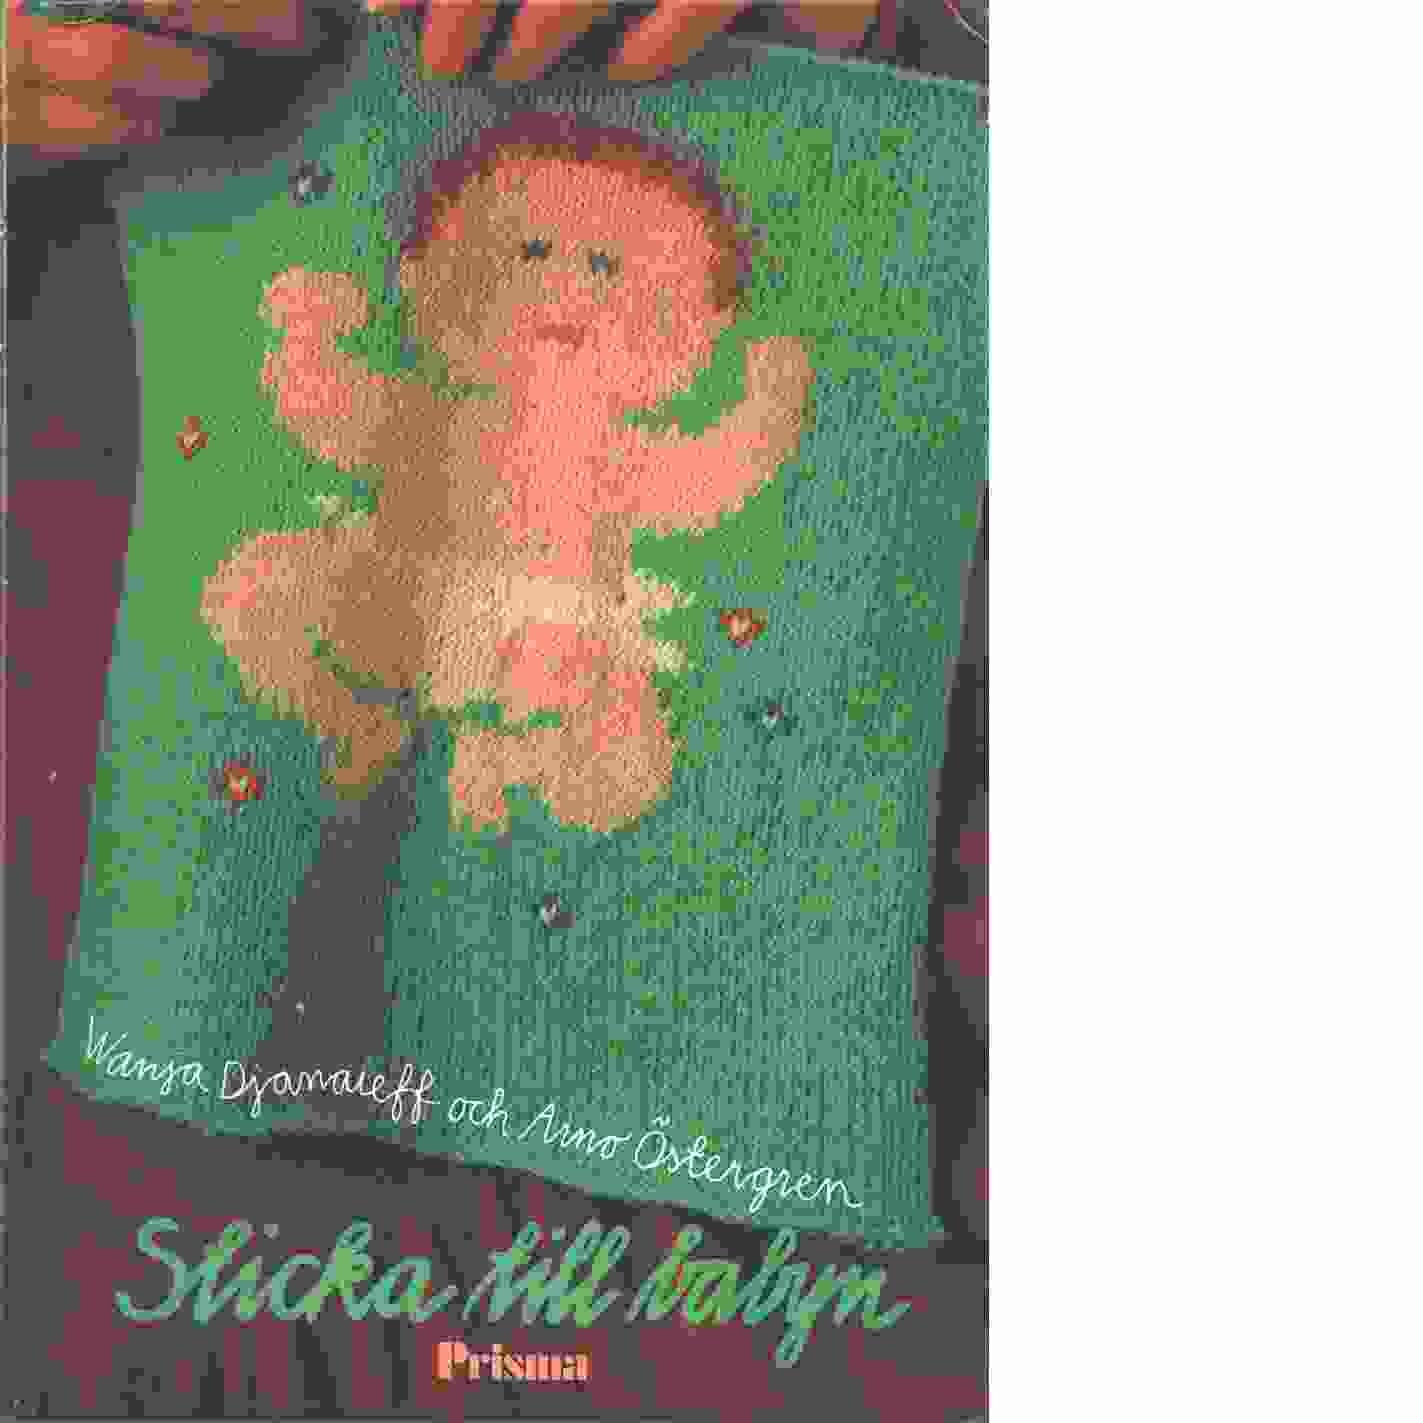 Sticka till babyn : en stickbok i väntans tider - Djanaieff, Wanja och Östergren, Aino